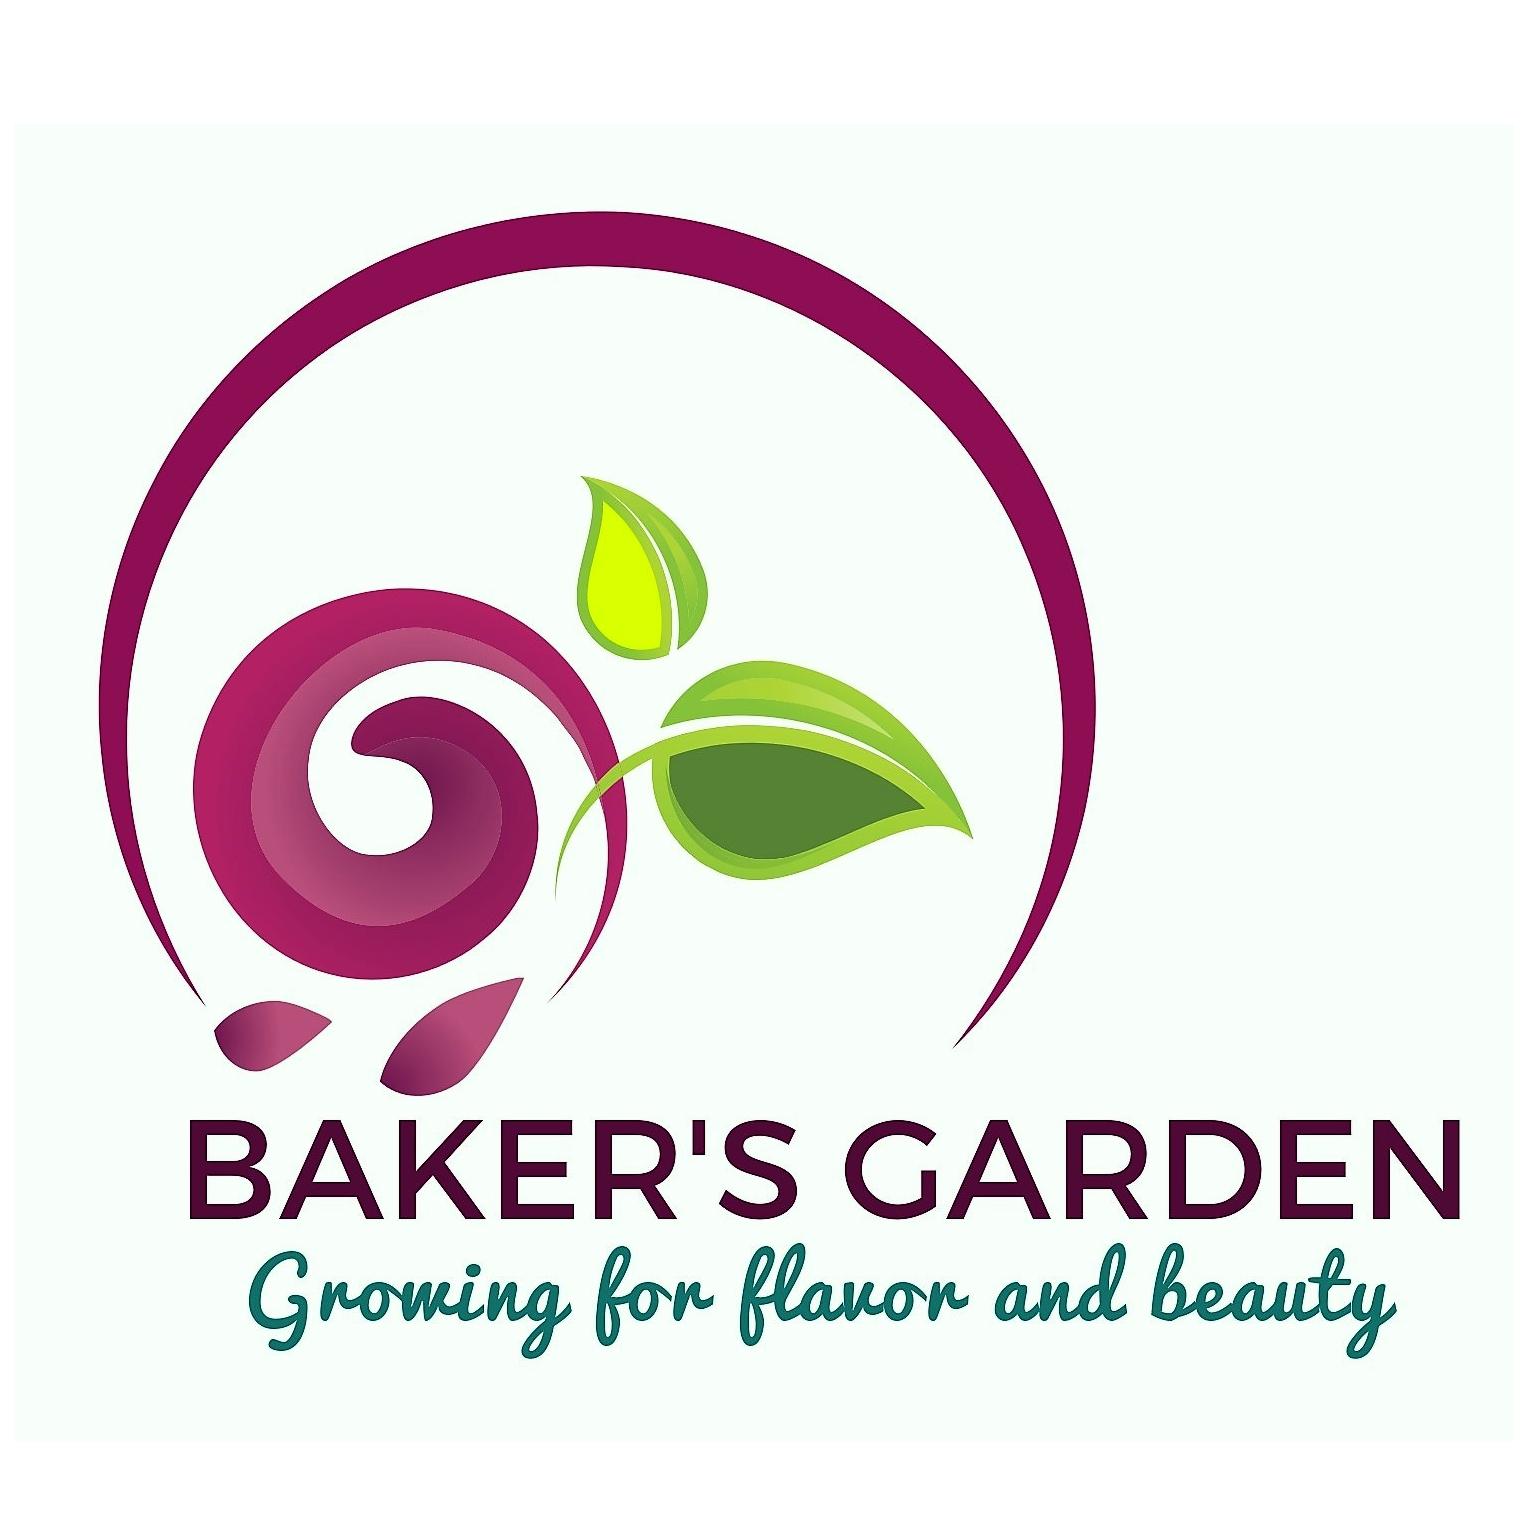 Baker's Garden